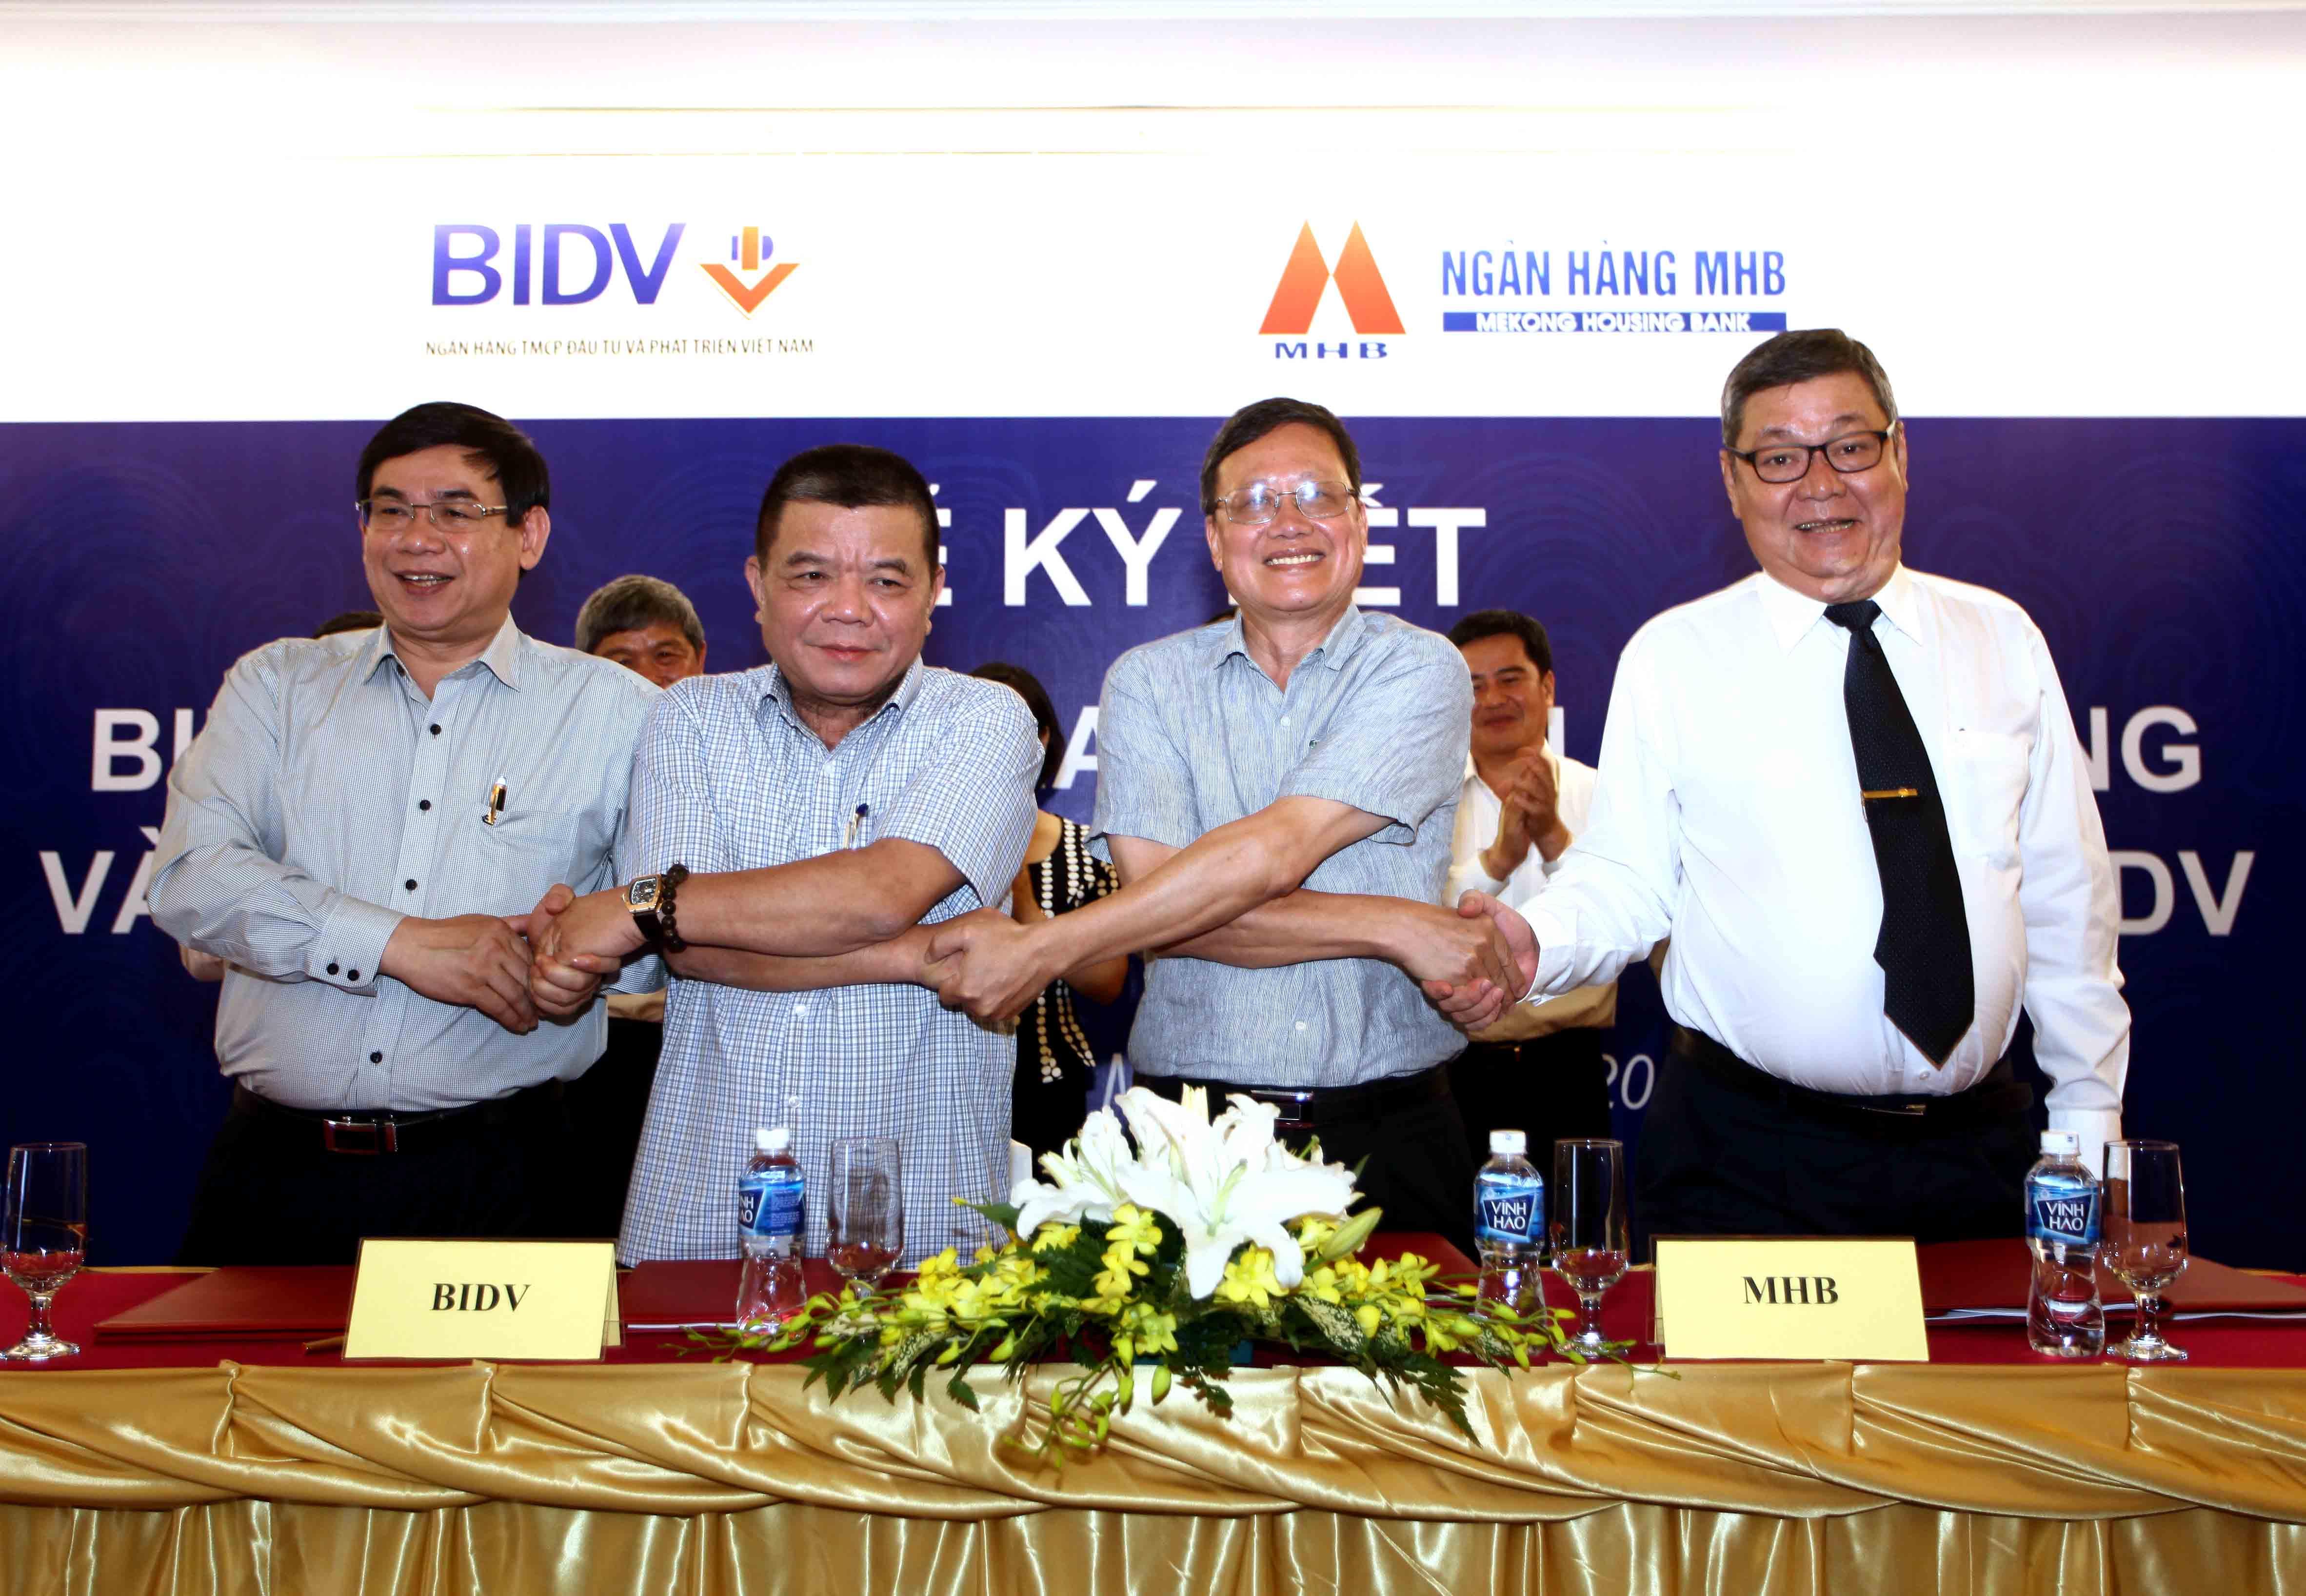 BIDV sáp nhập thành công MHB vào tháng 5 năm 2015